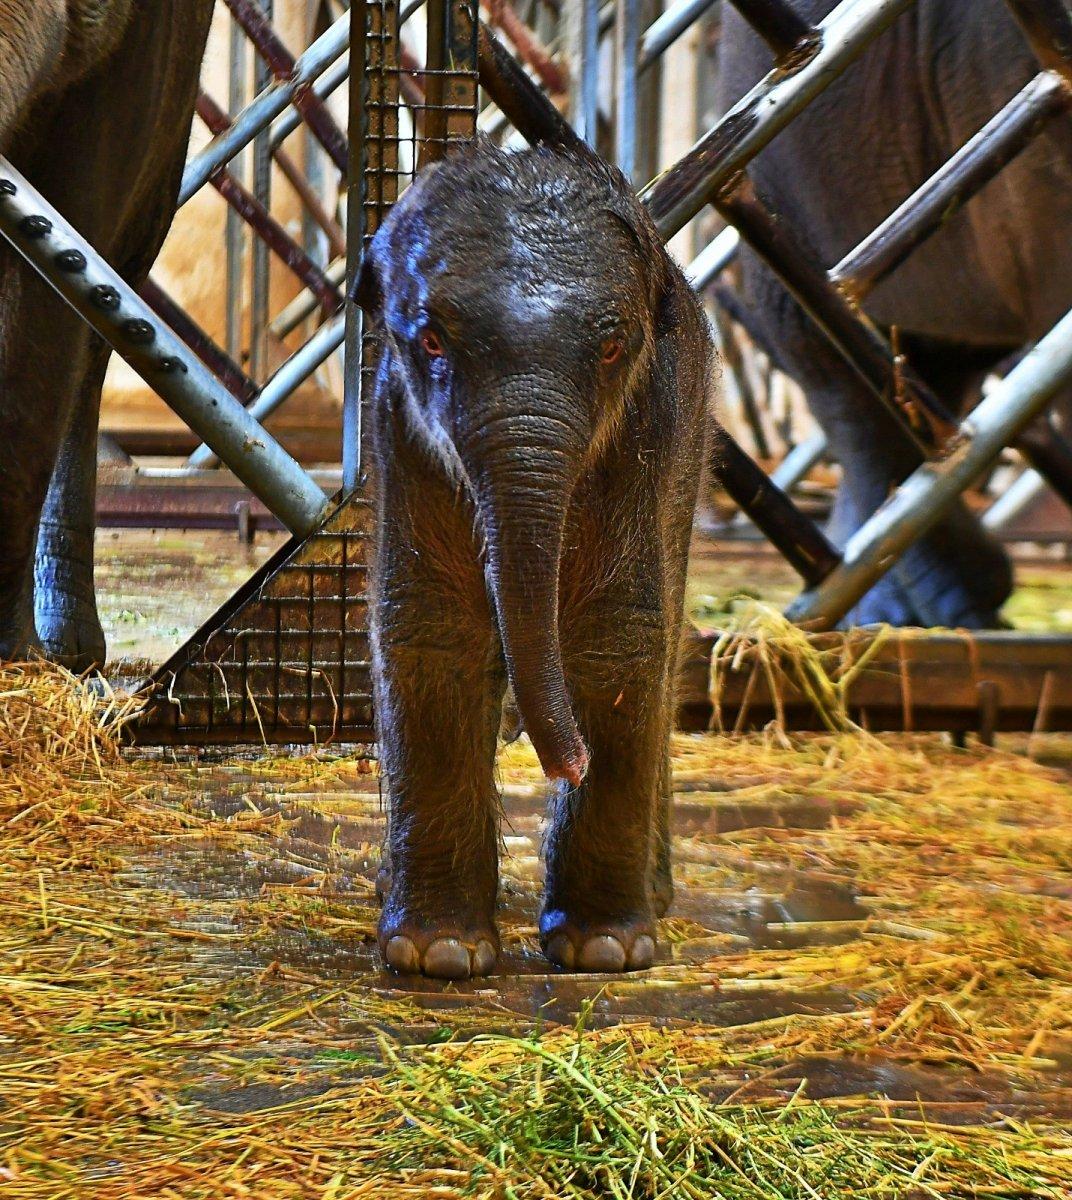 İzmir'in fil ailesi üçüncü yavrusuna kavuştu #3